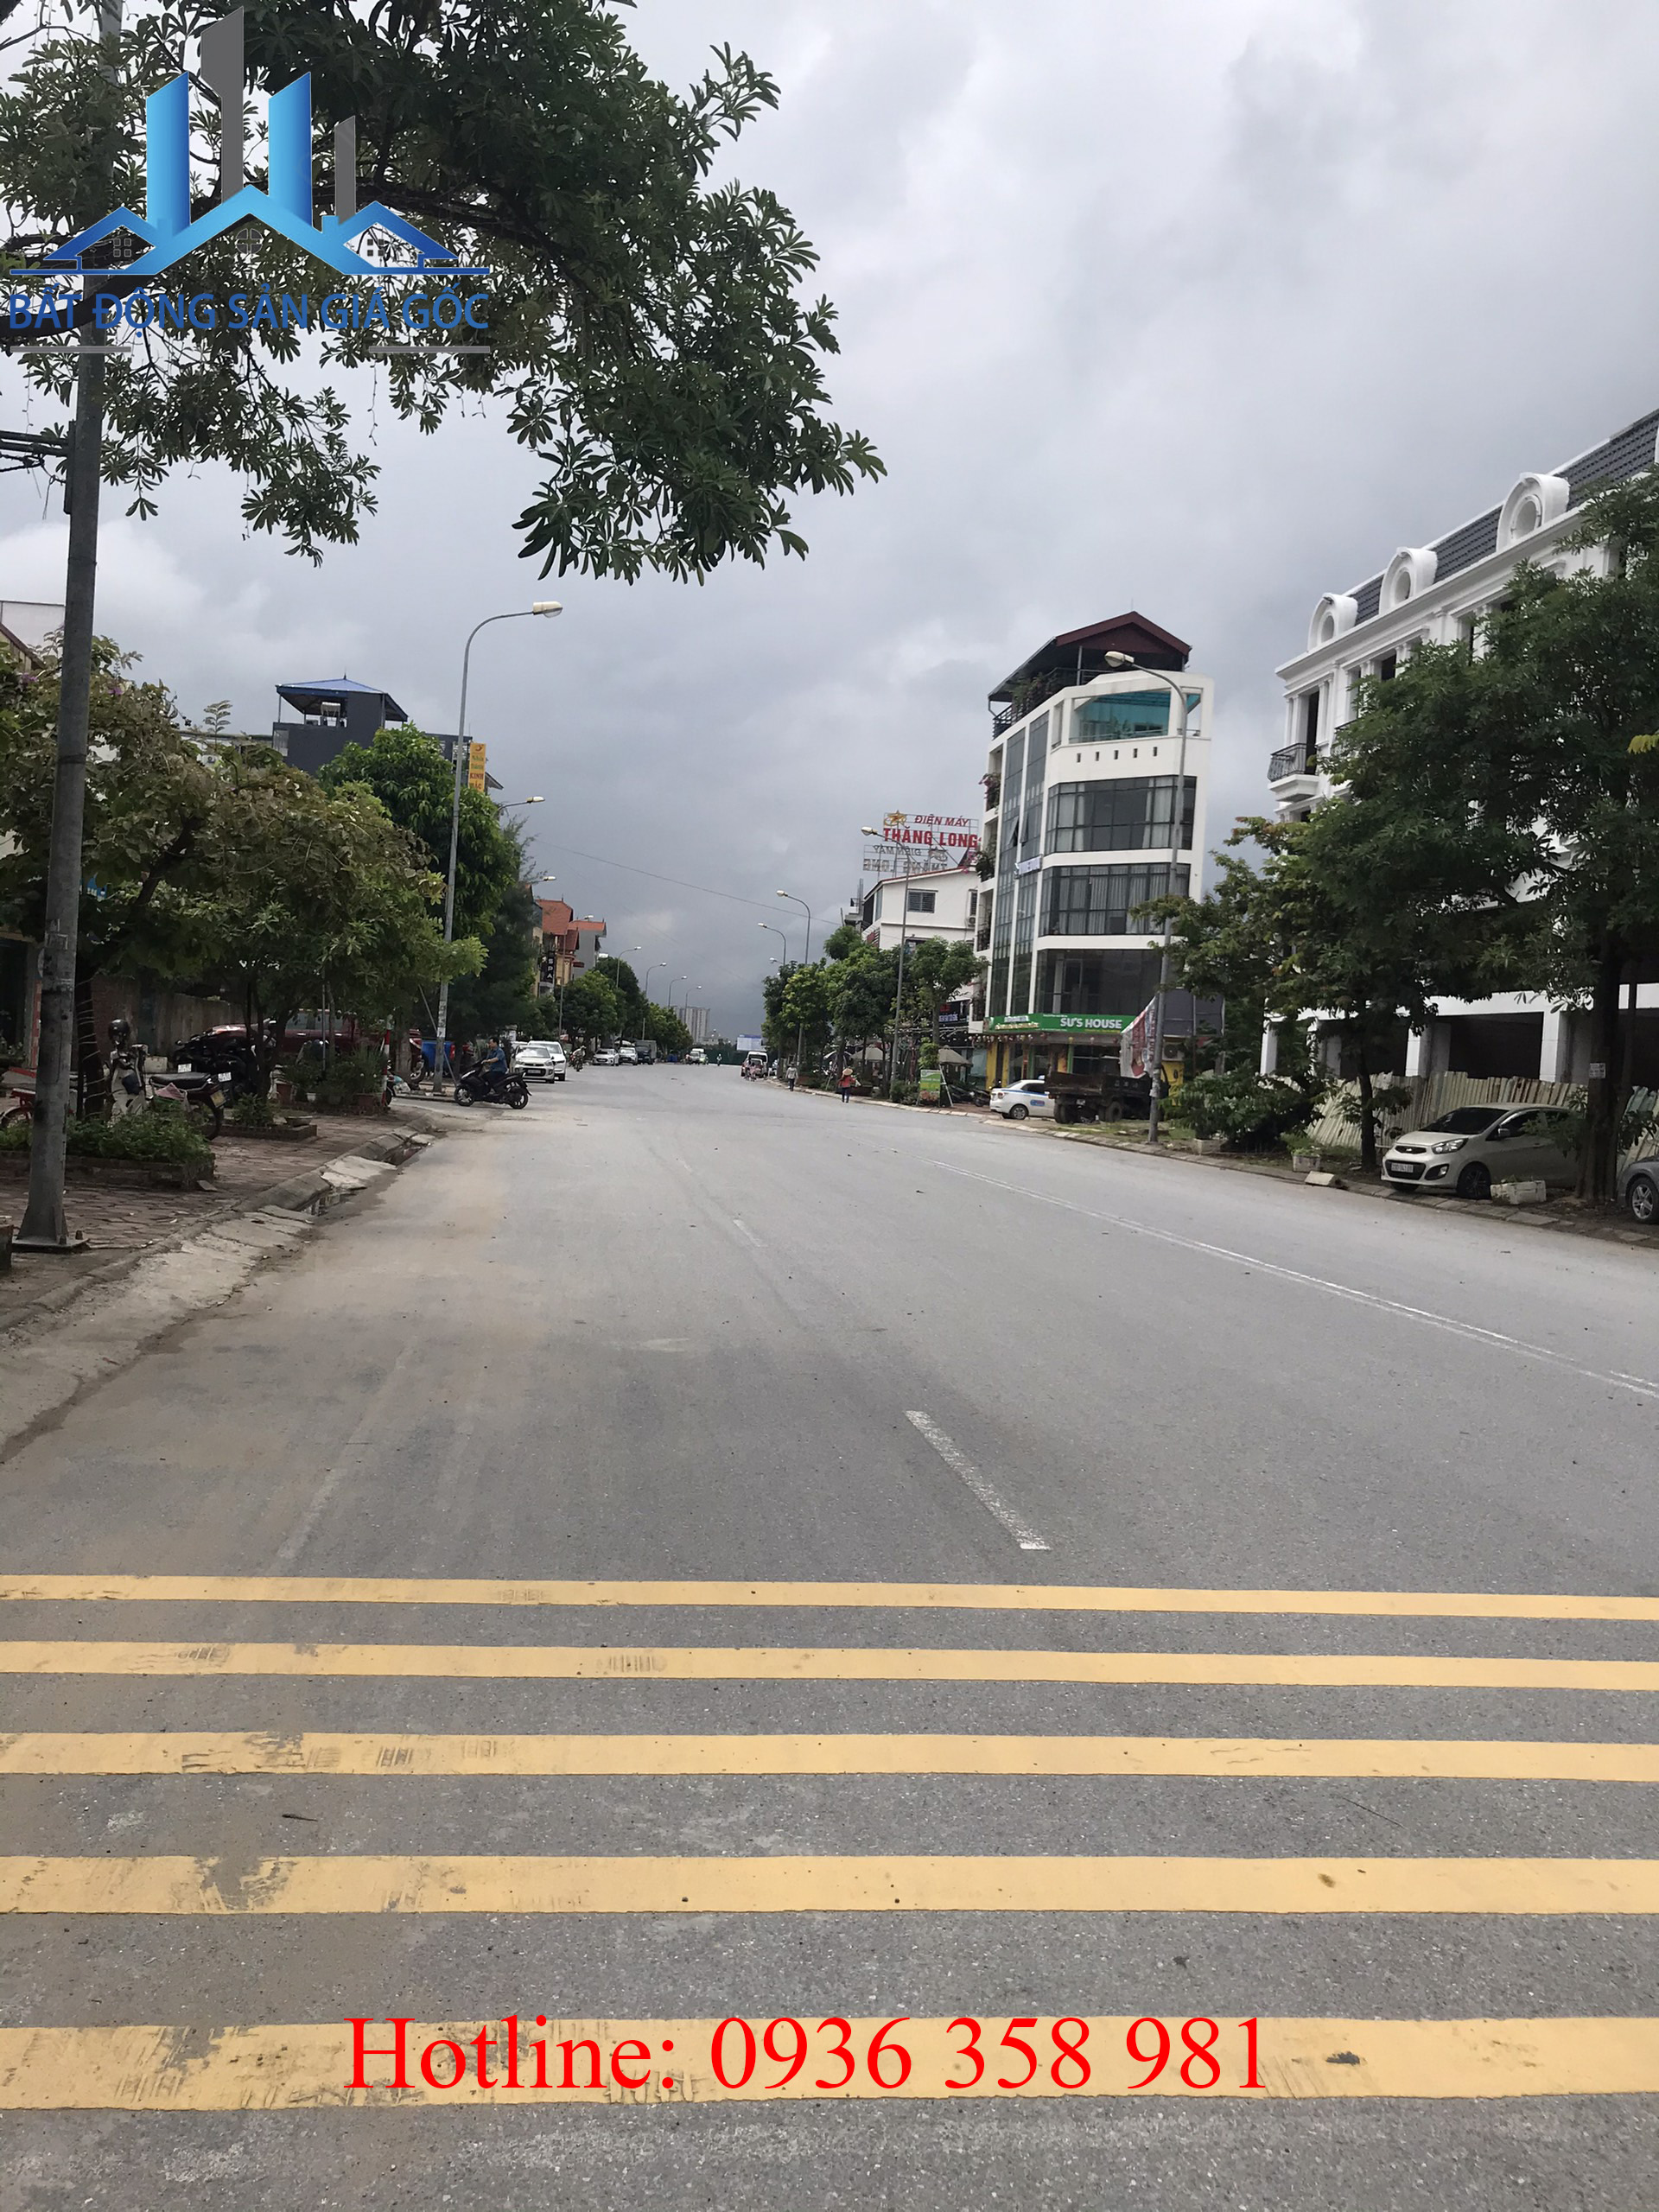 Cần bán nhà 4 tầng ngõ 333 Ngô Xuân Quảng, Trâu Quỳ, Gia Lâm, Hà Nội.